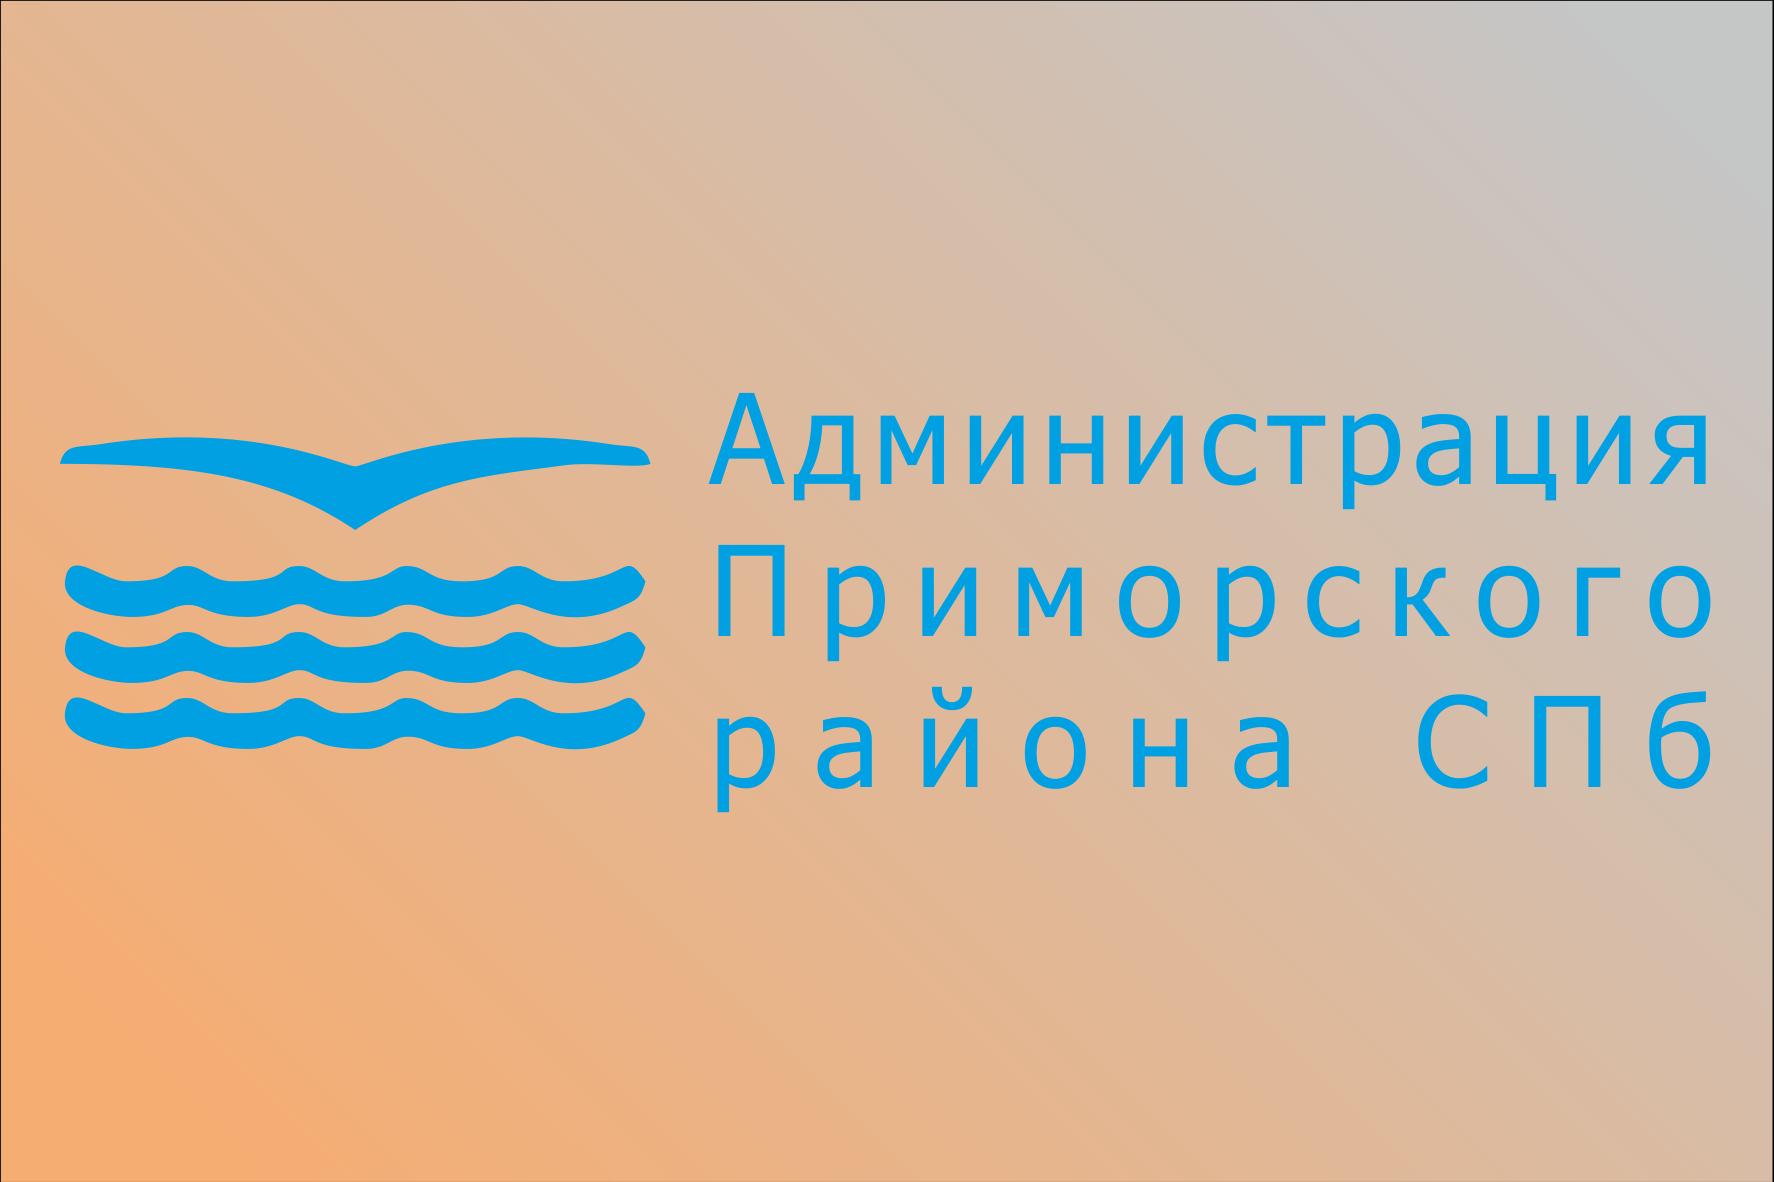 Администрация Приморского района СПб